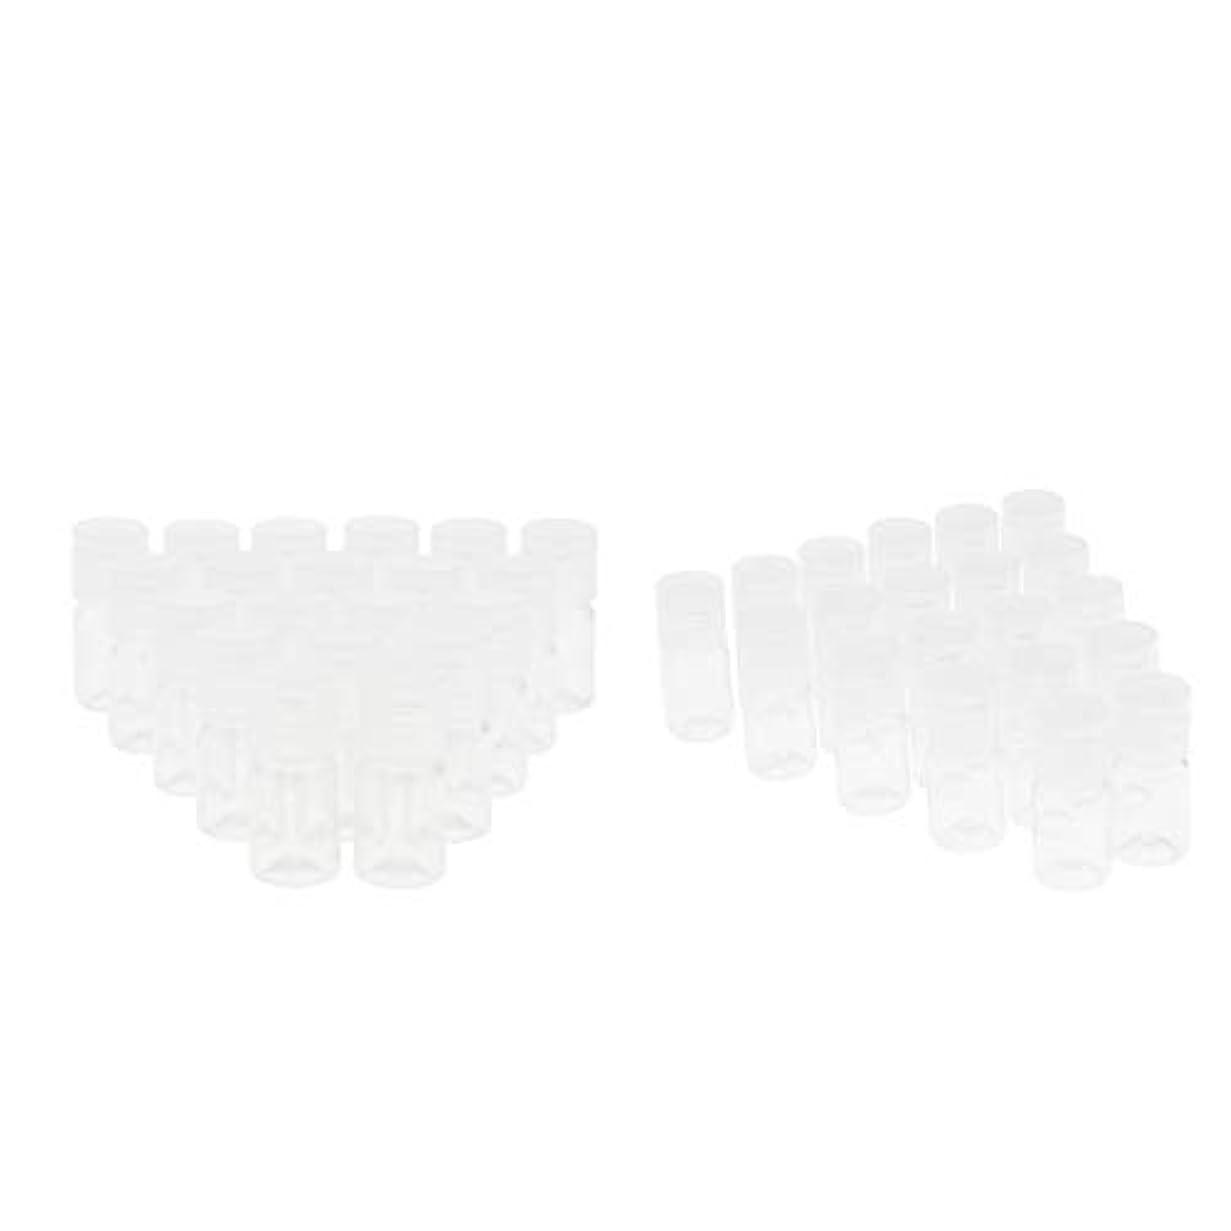 ピアニスト準備する押し下げるP Prettyia トラベルリキッドコンテナ 液体容器 化粧品ボトル 約40個セット